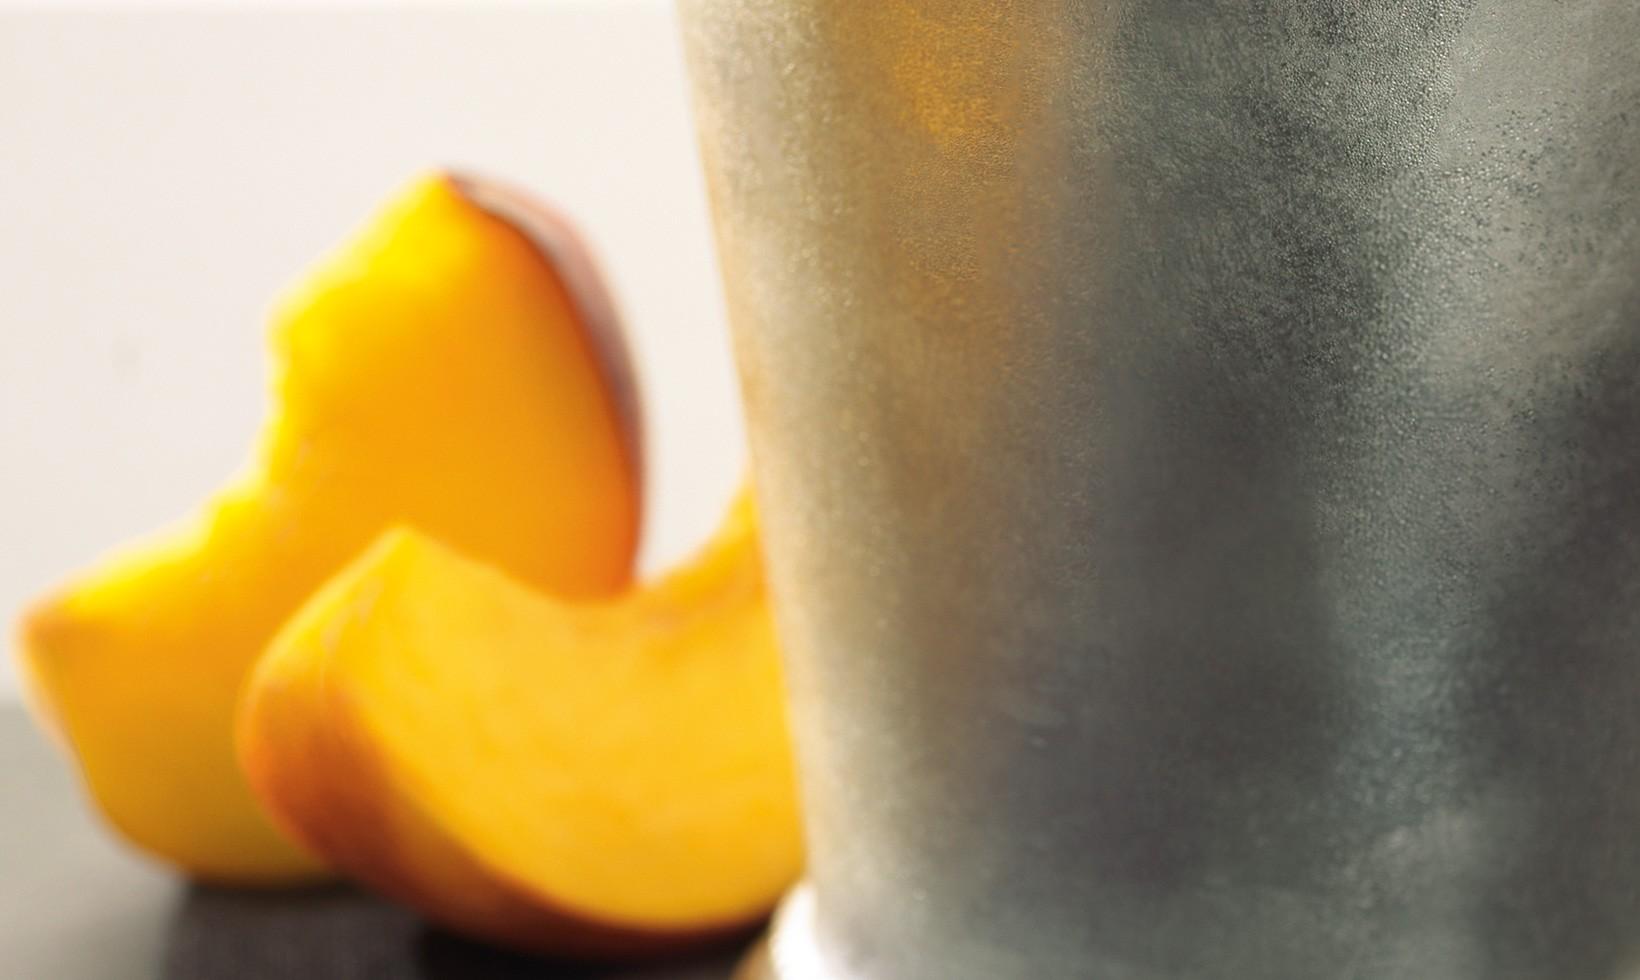 Le Citron Julep